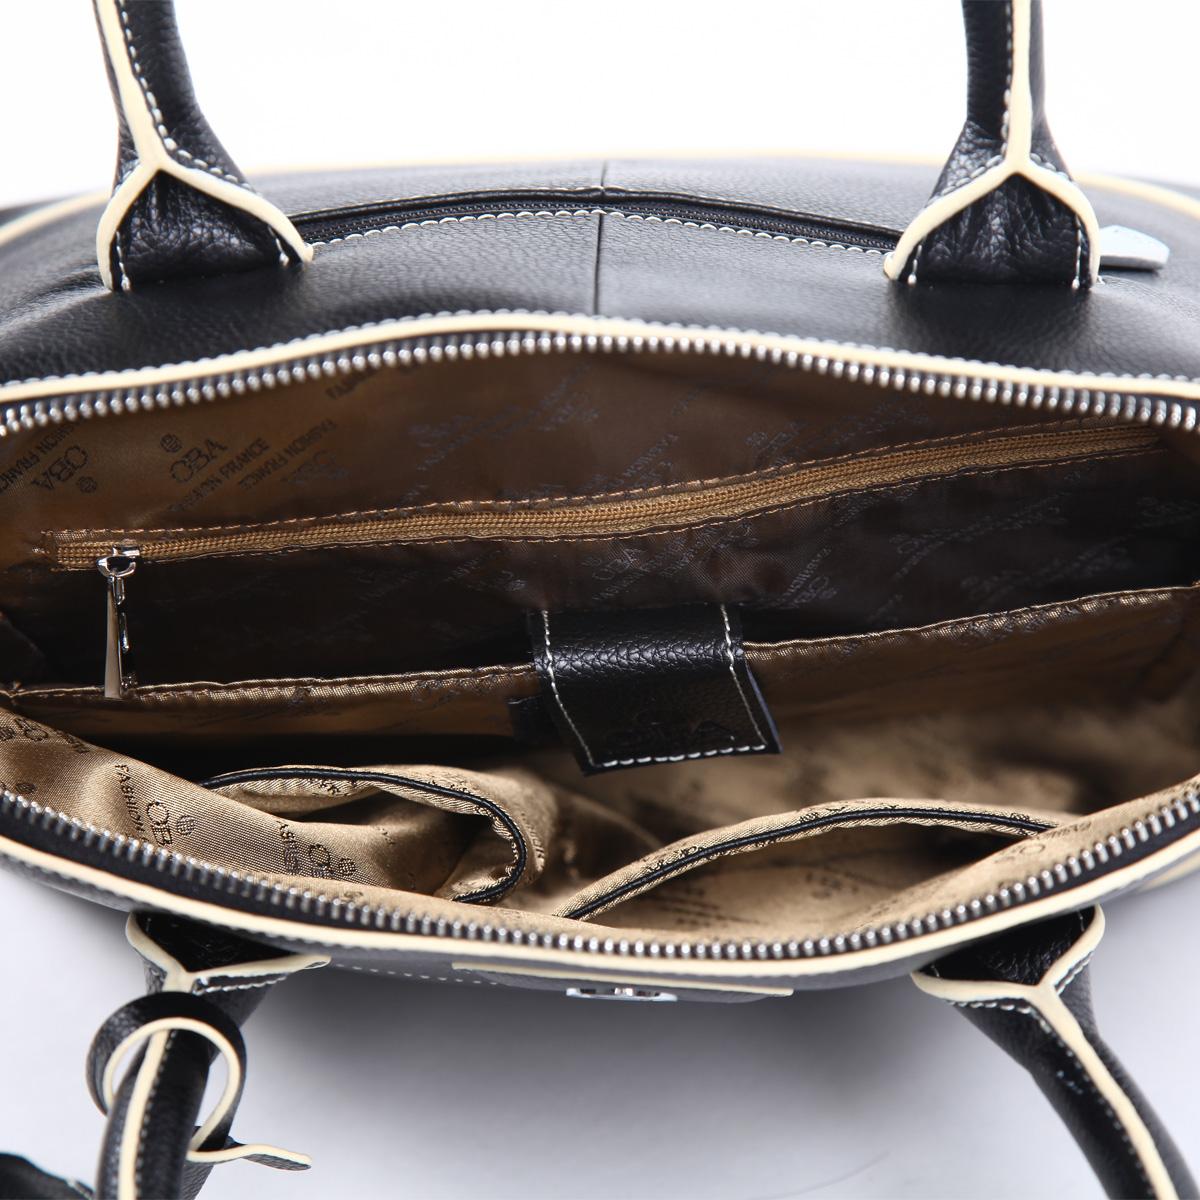 Сумка Oba 2220 2013 OL Девушки Женская сумка Однотонный цвет Кожа быка